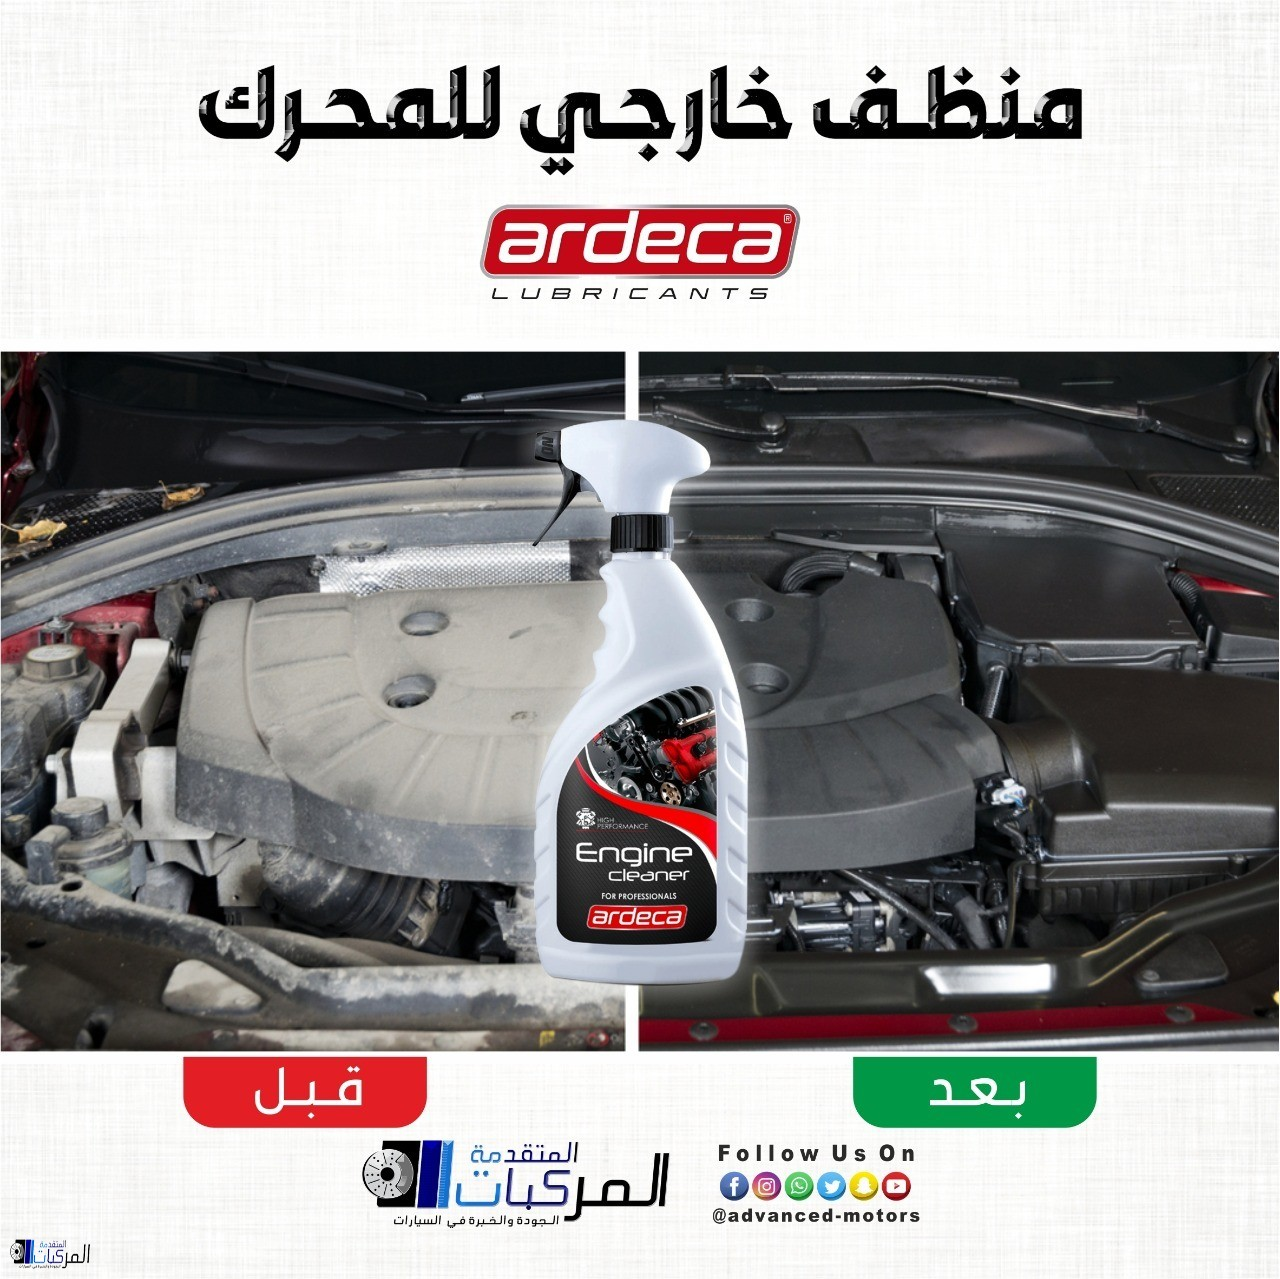 منظف خارجي للمحرك لأفضل نتيجة وأقصى حماية